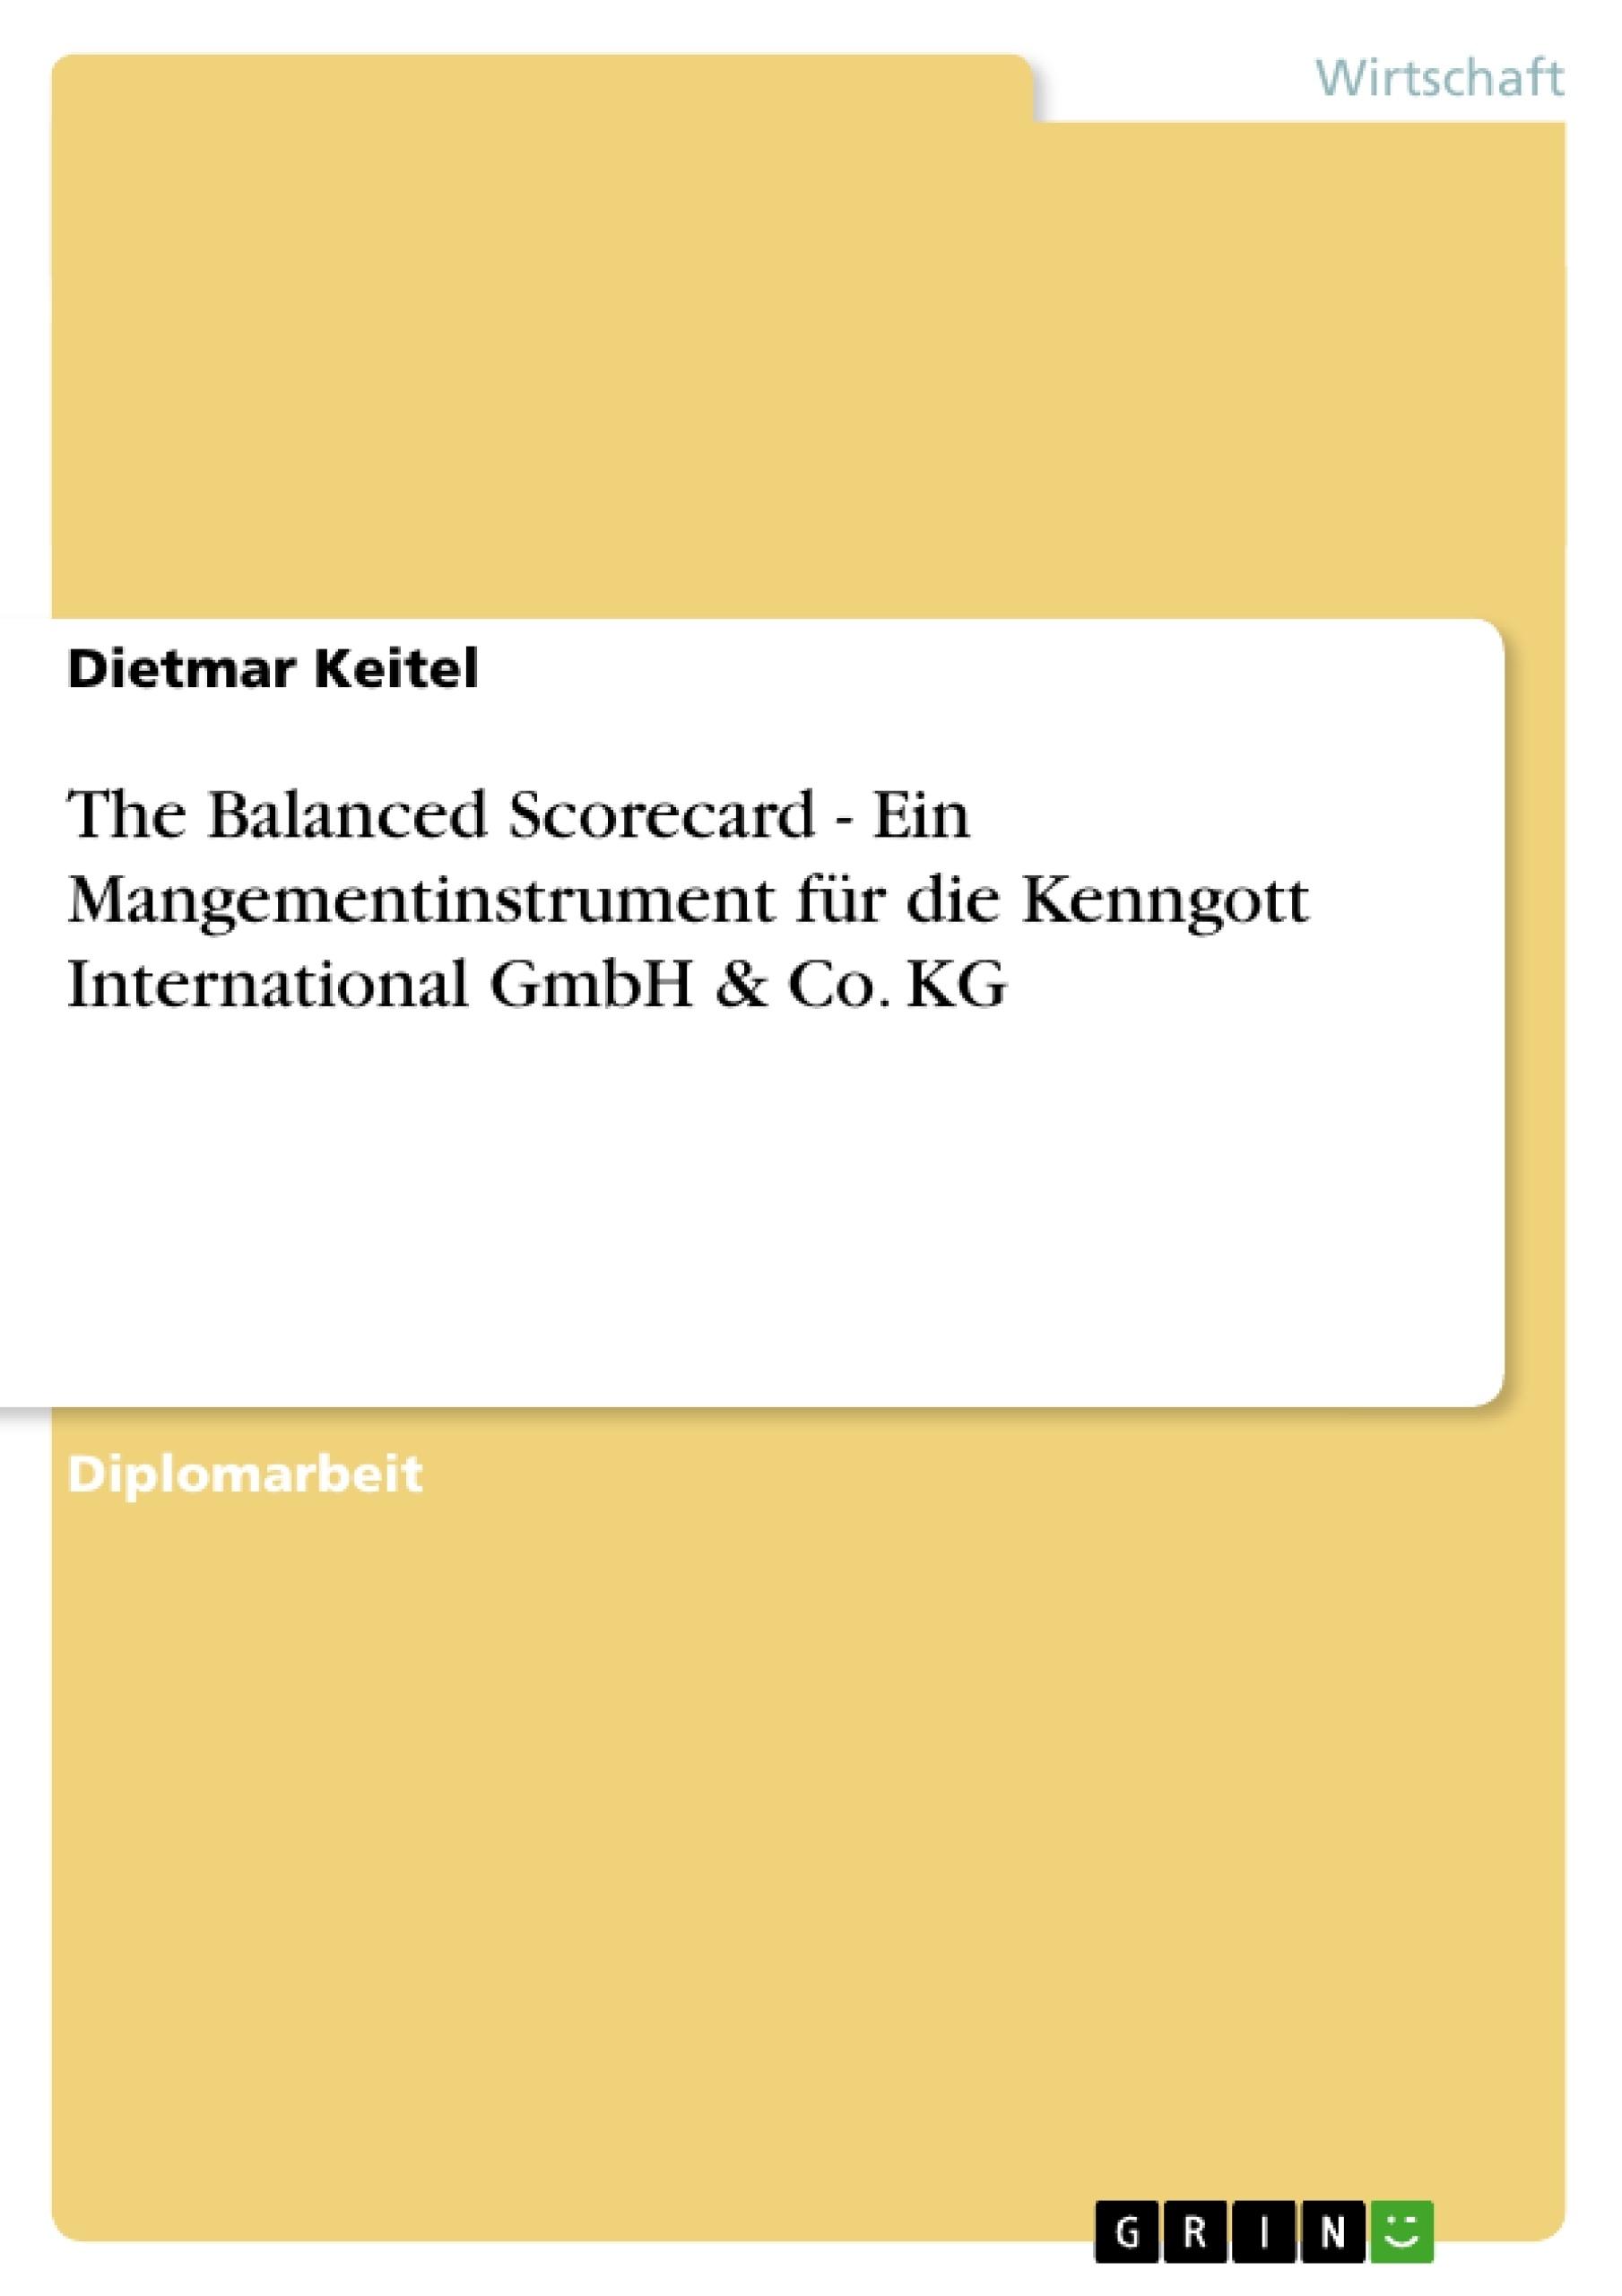 Titel: The Balanced Scorecard - Ein Mangementinstrument für die Kenngott International GmbH & Co. KG